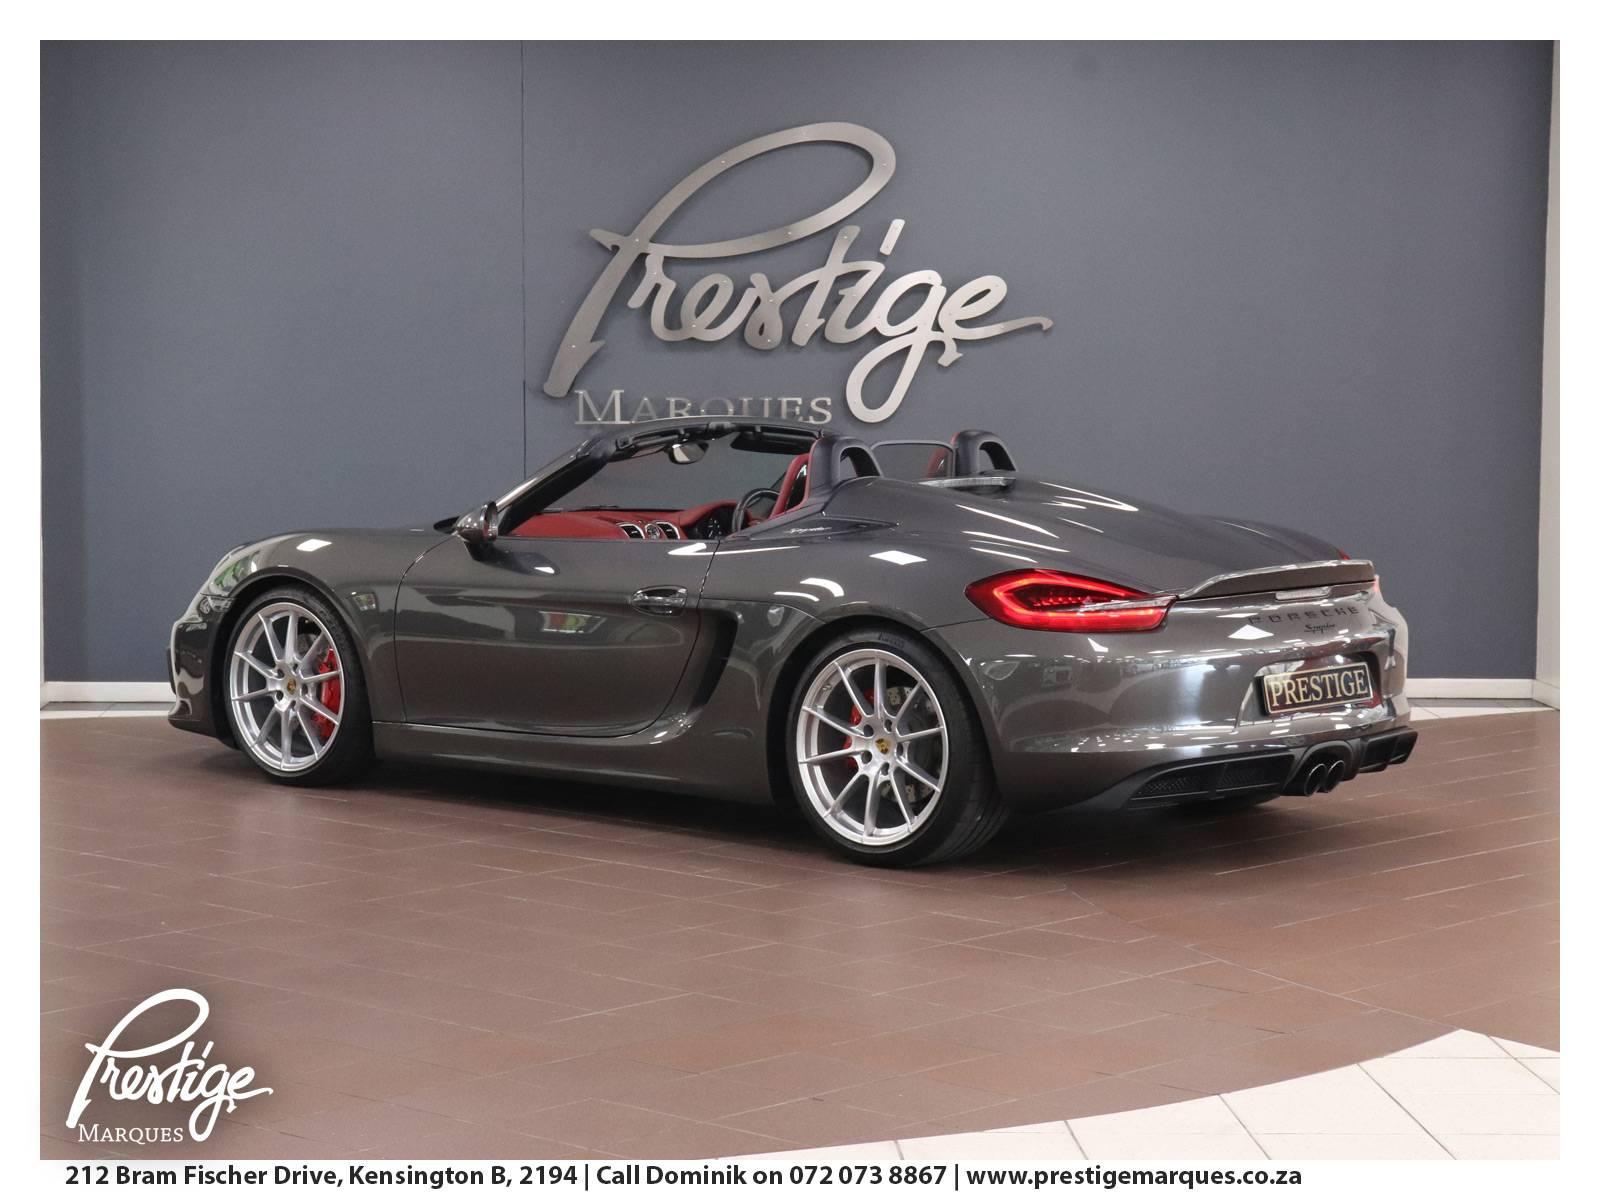 2016-Porsche-Spyder-Prestige-Marques-Ranburg-Sandton-5